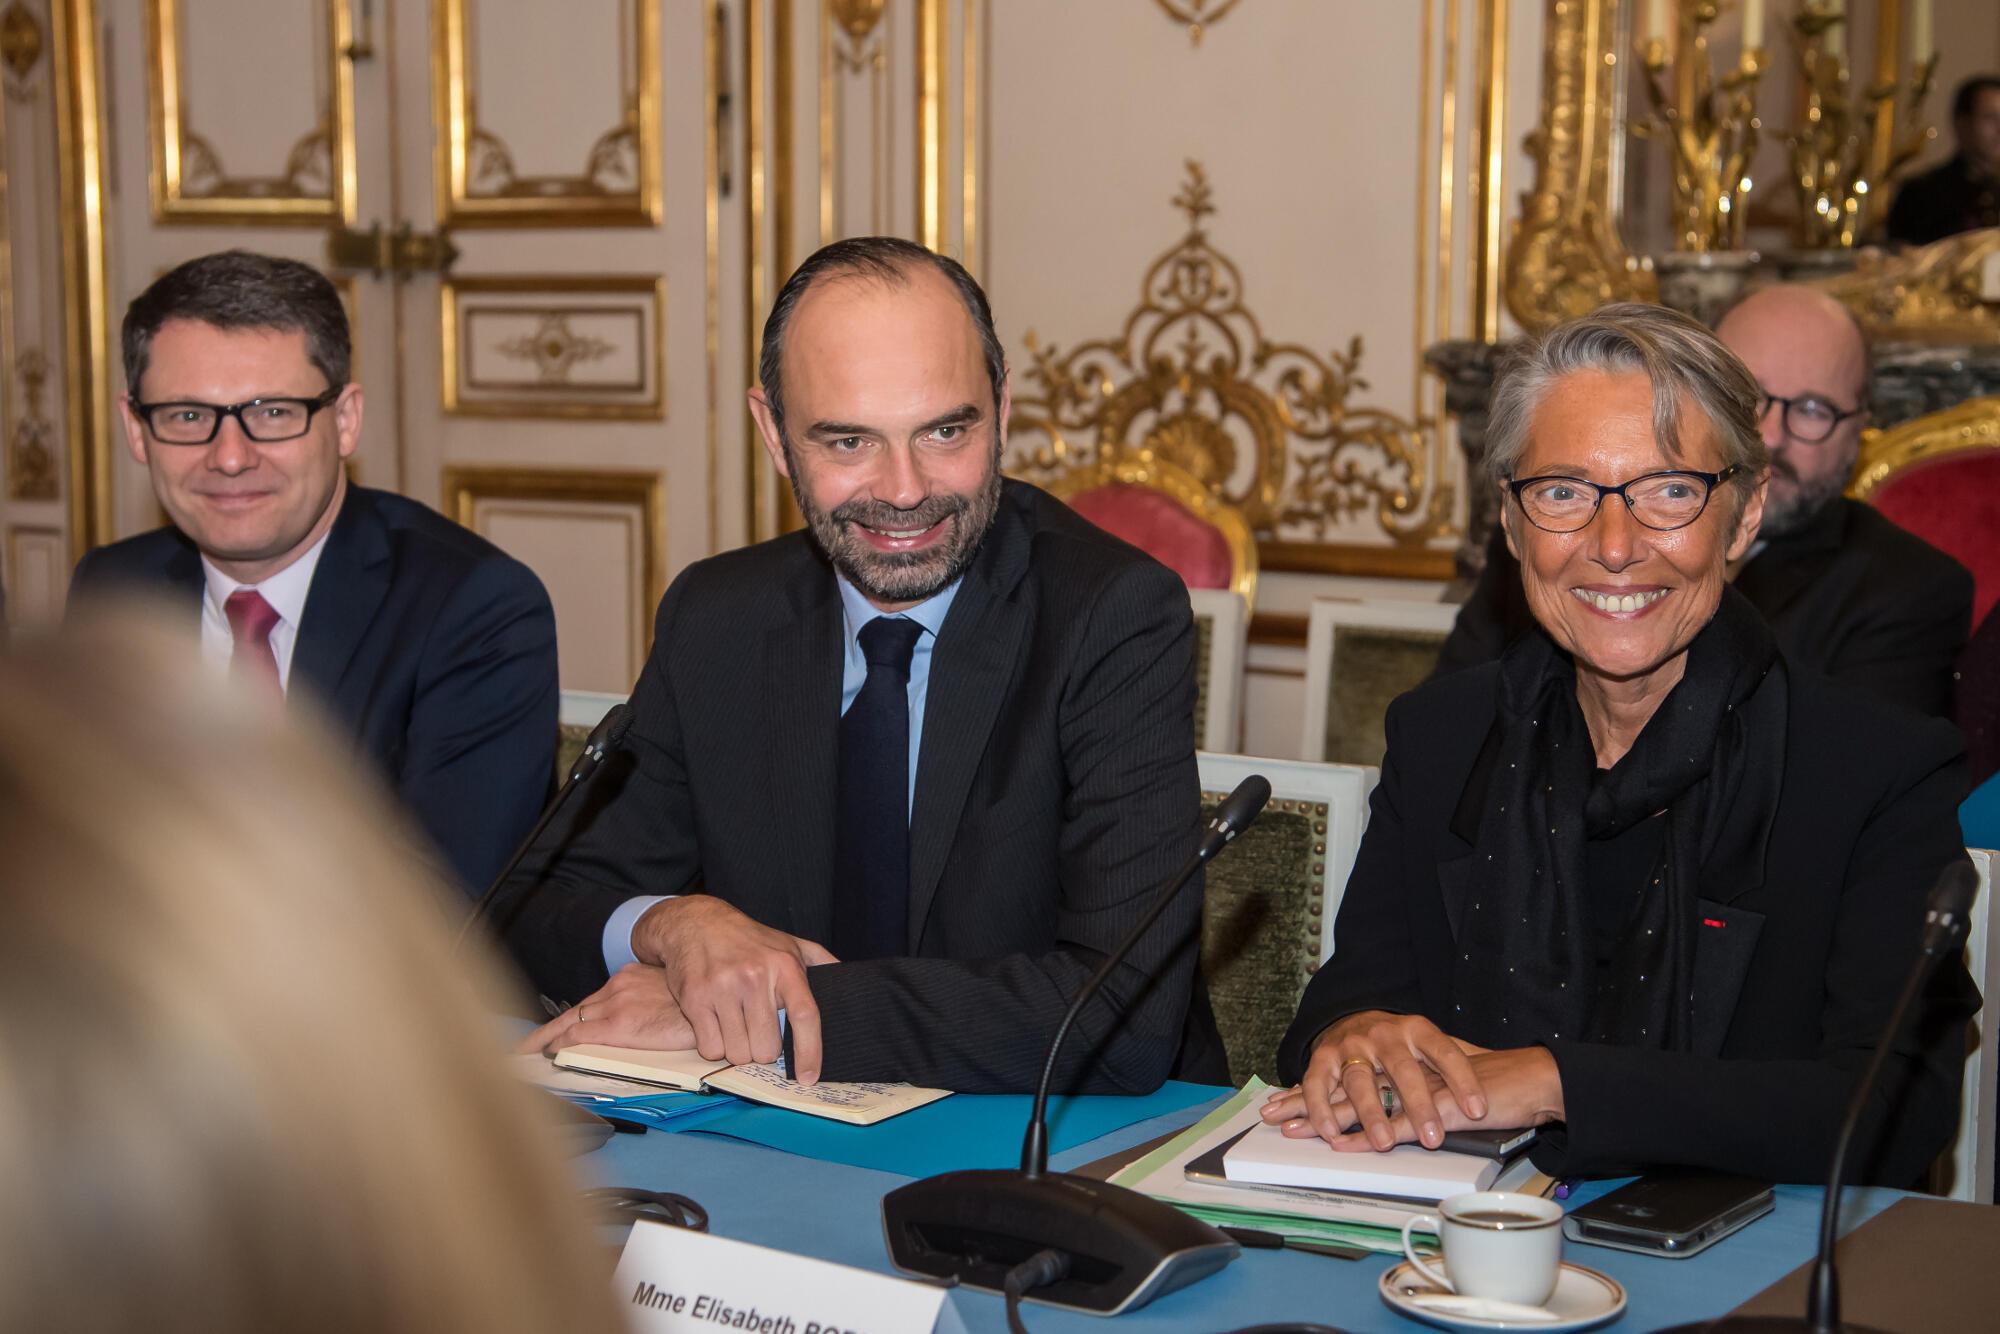 O  Primeiro-ministro  francês Edouard Philippe (no centro)  e a ministra dos  Transports Elisabeth Borne.  09 de Janeiro de 2018